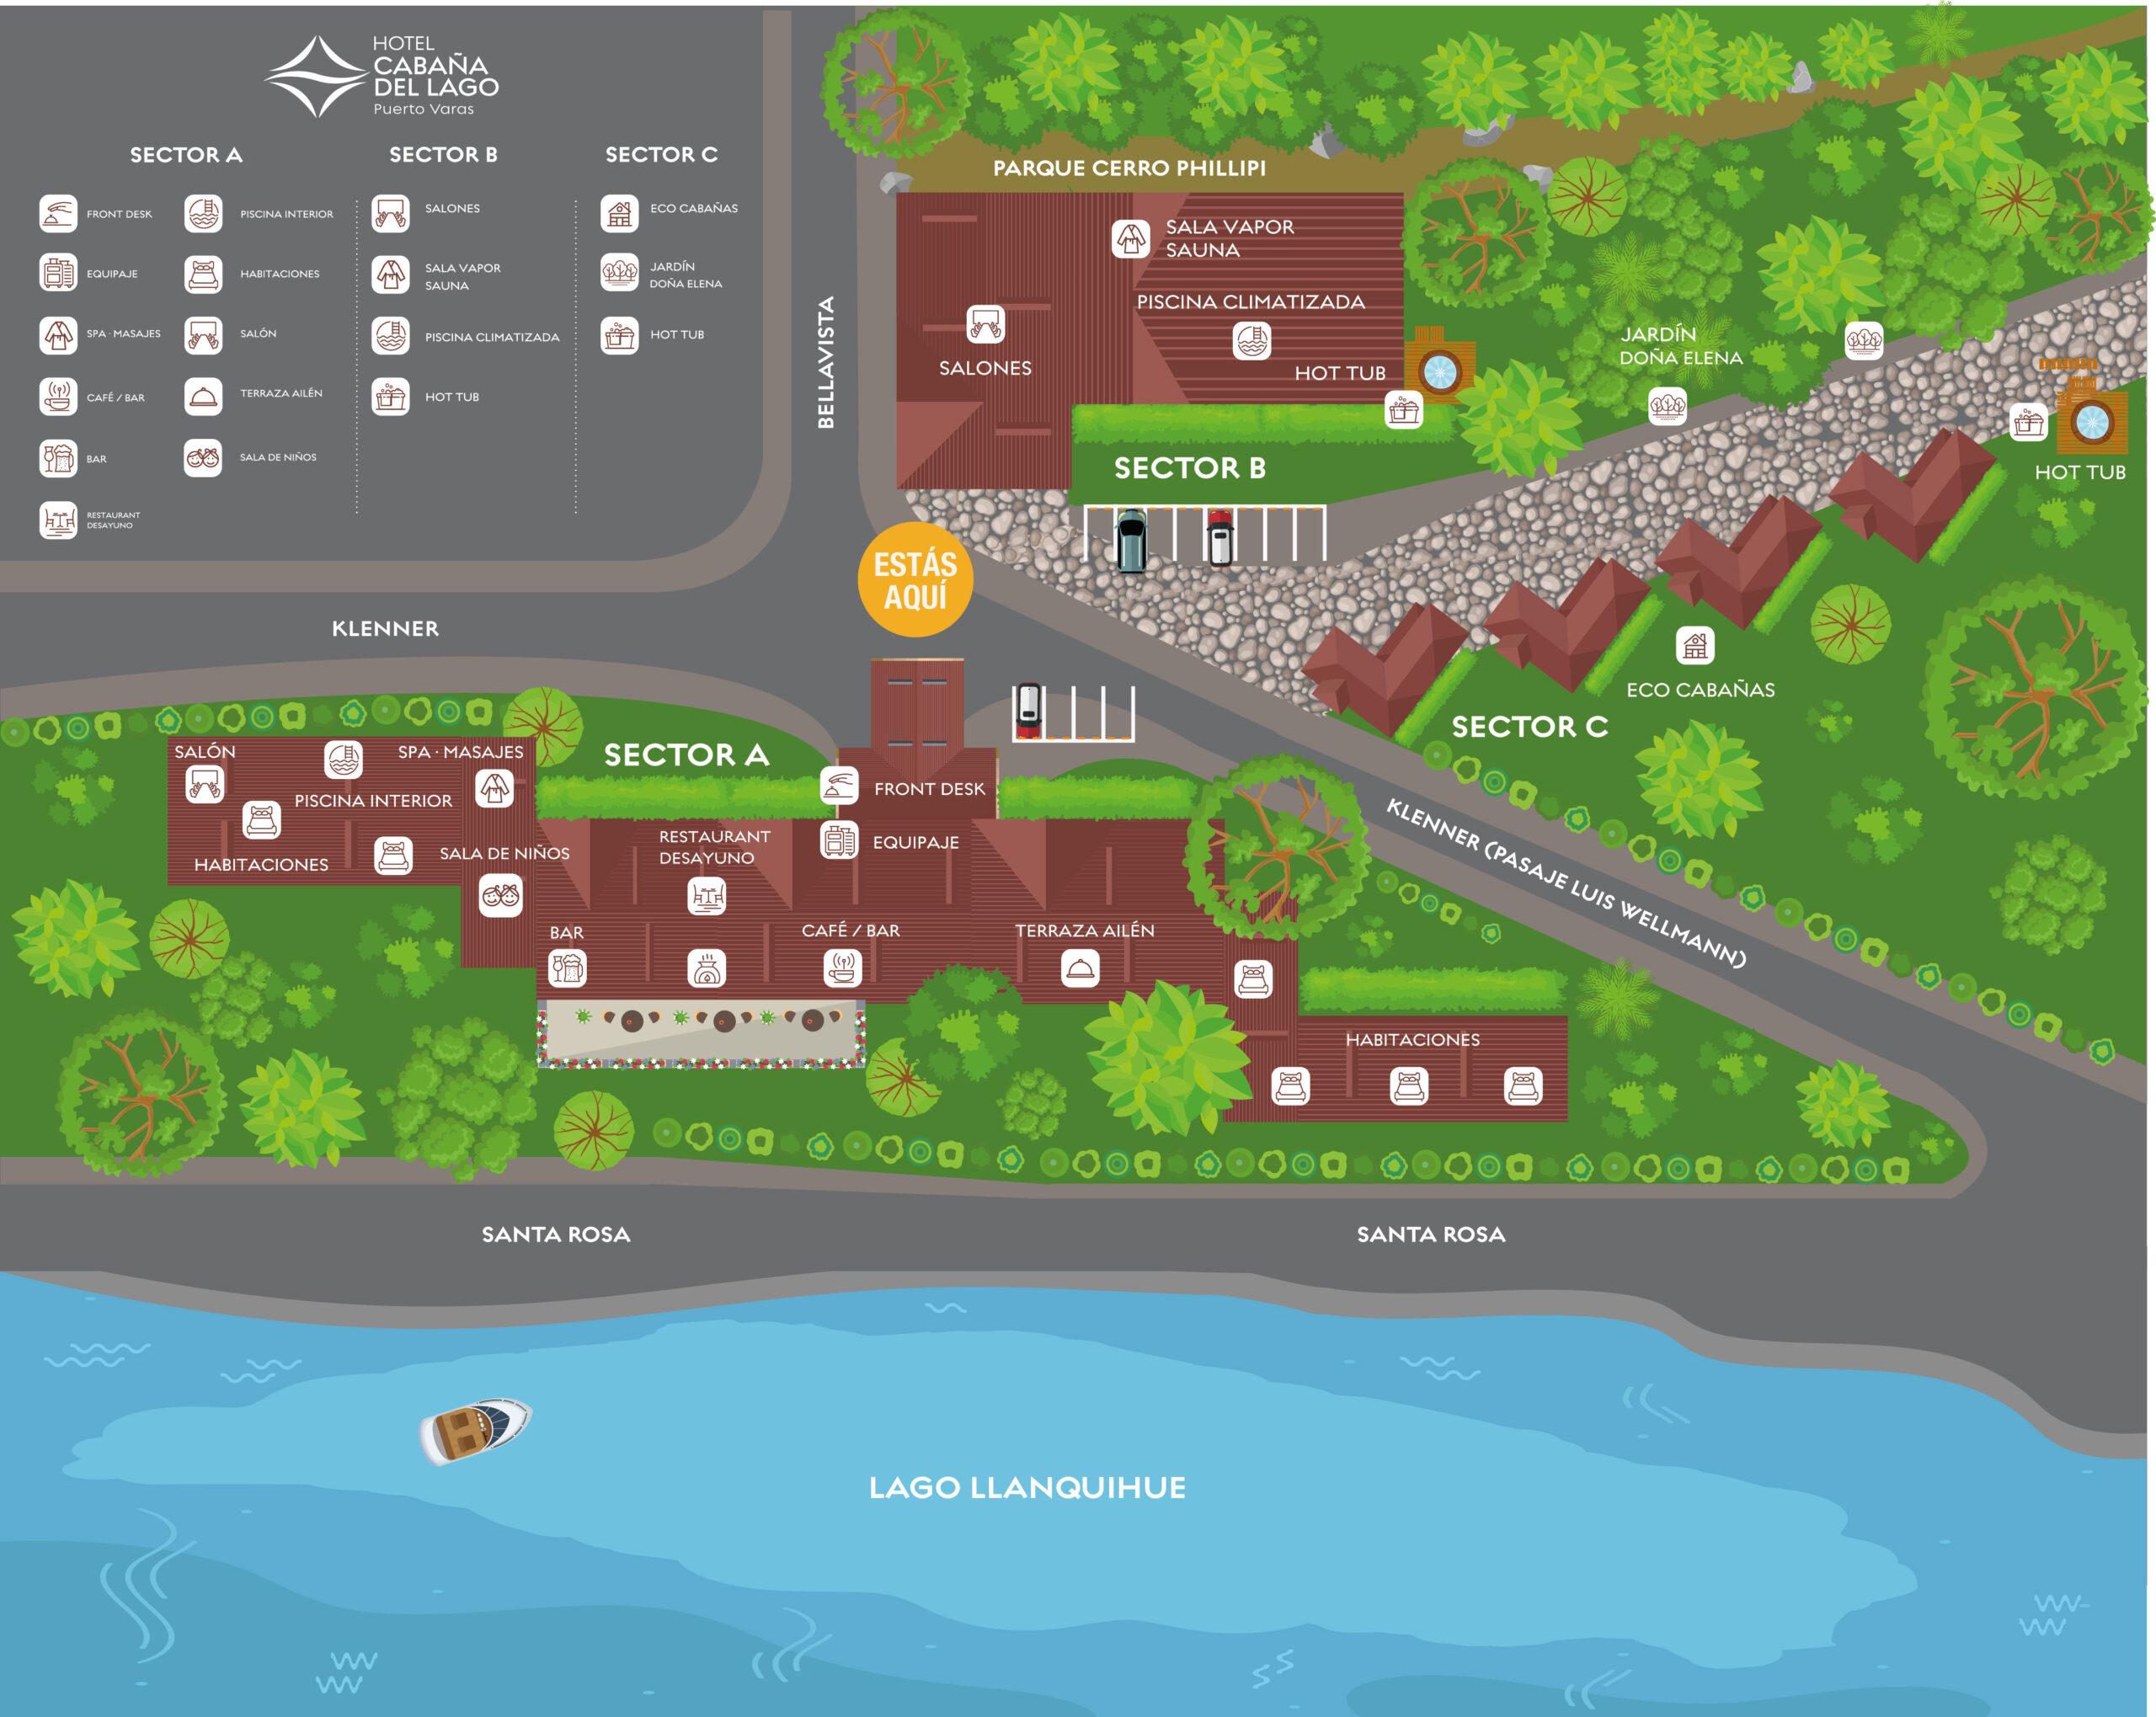 plano hotel cabaña del lago